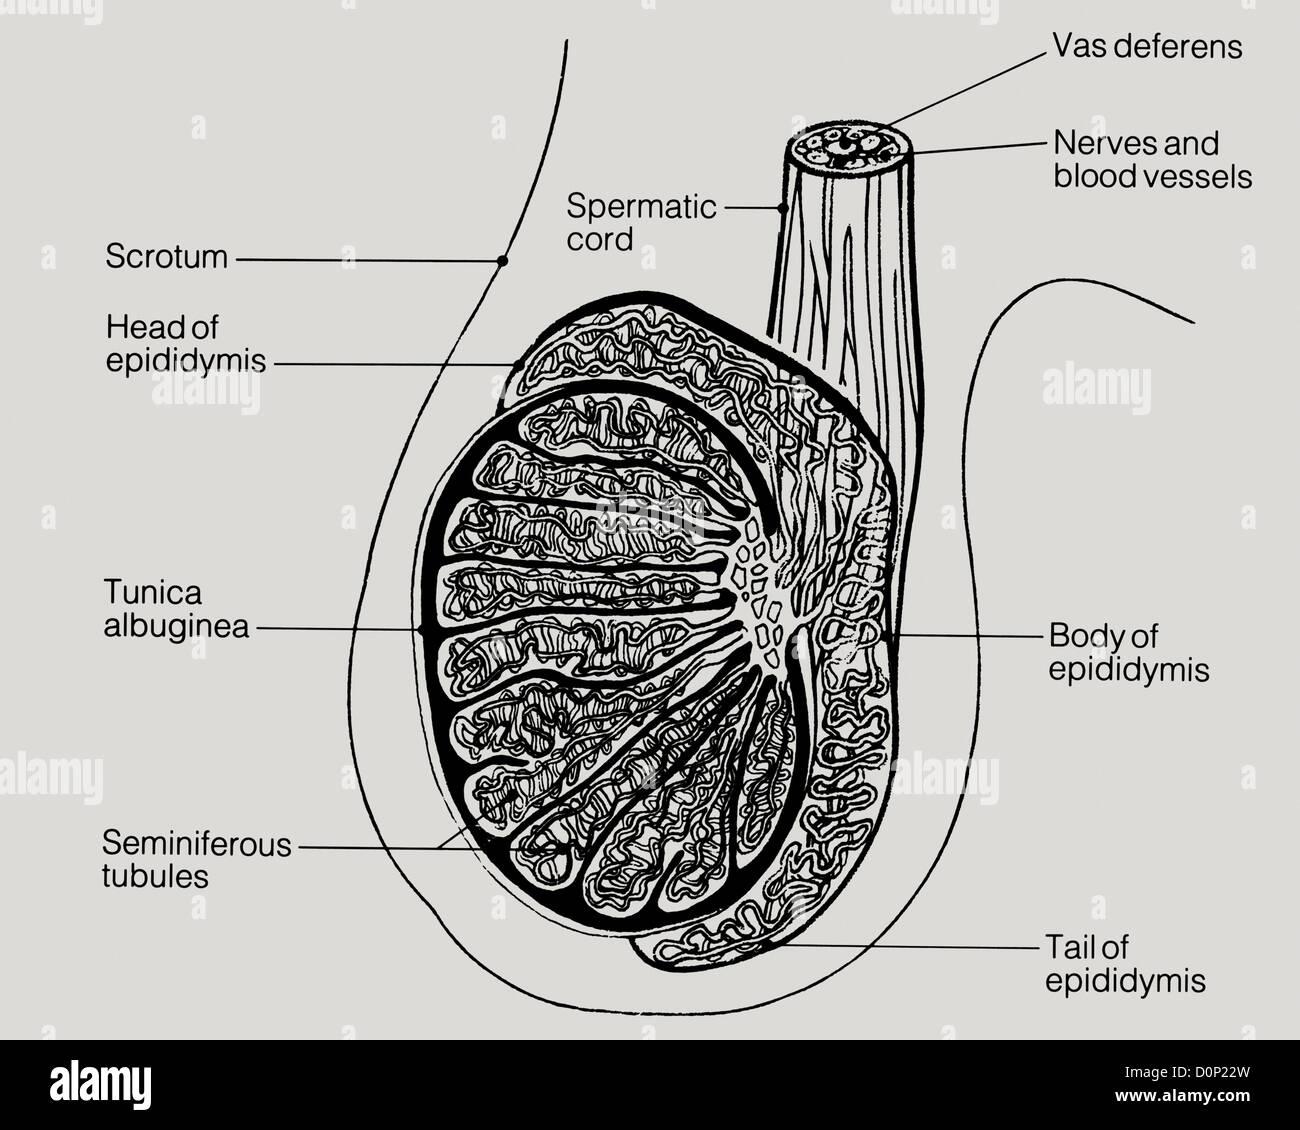 Un dibujo de una vista lateral de los testículos humanos, incluyendo ...